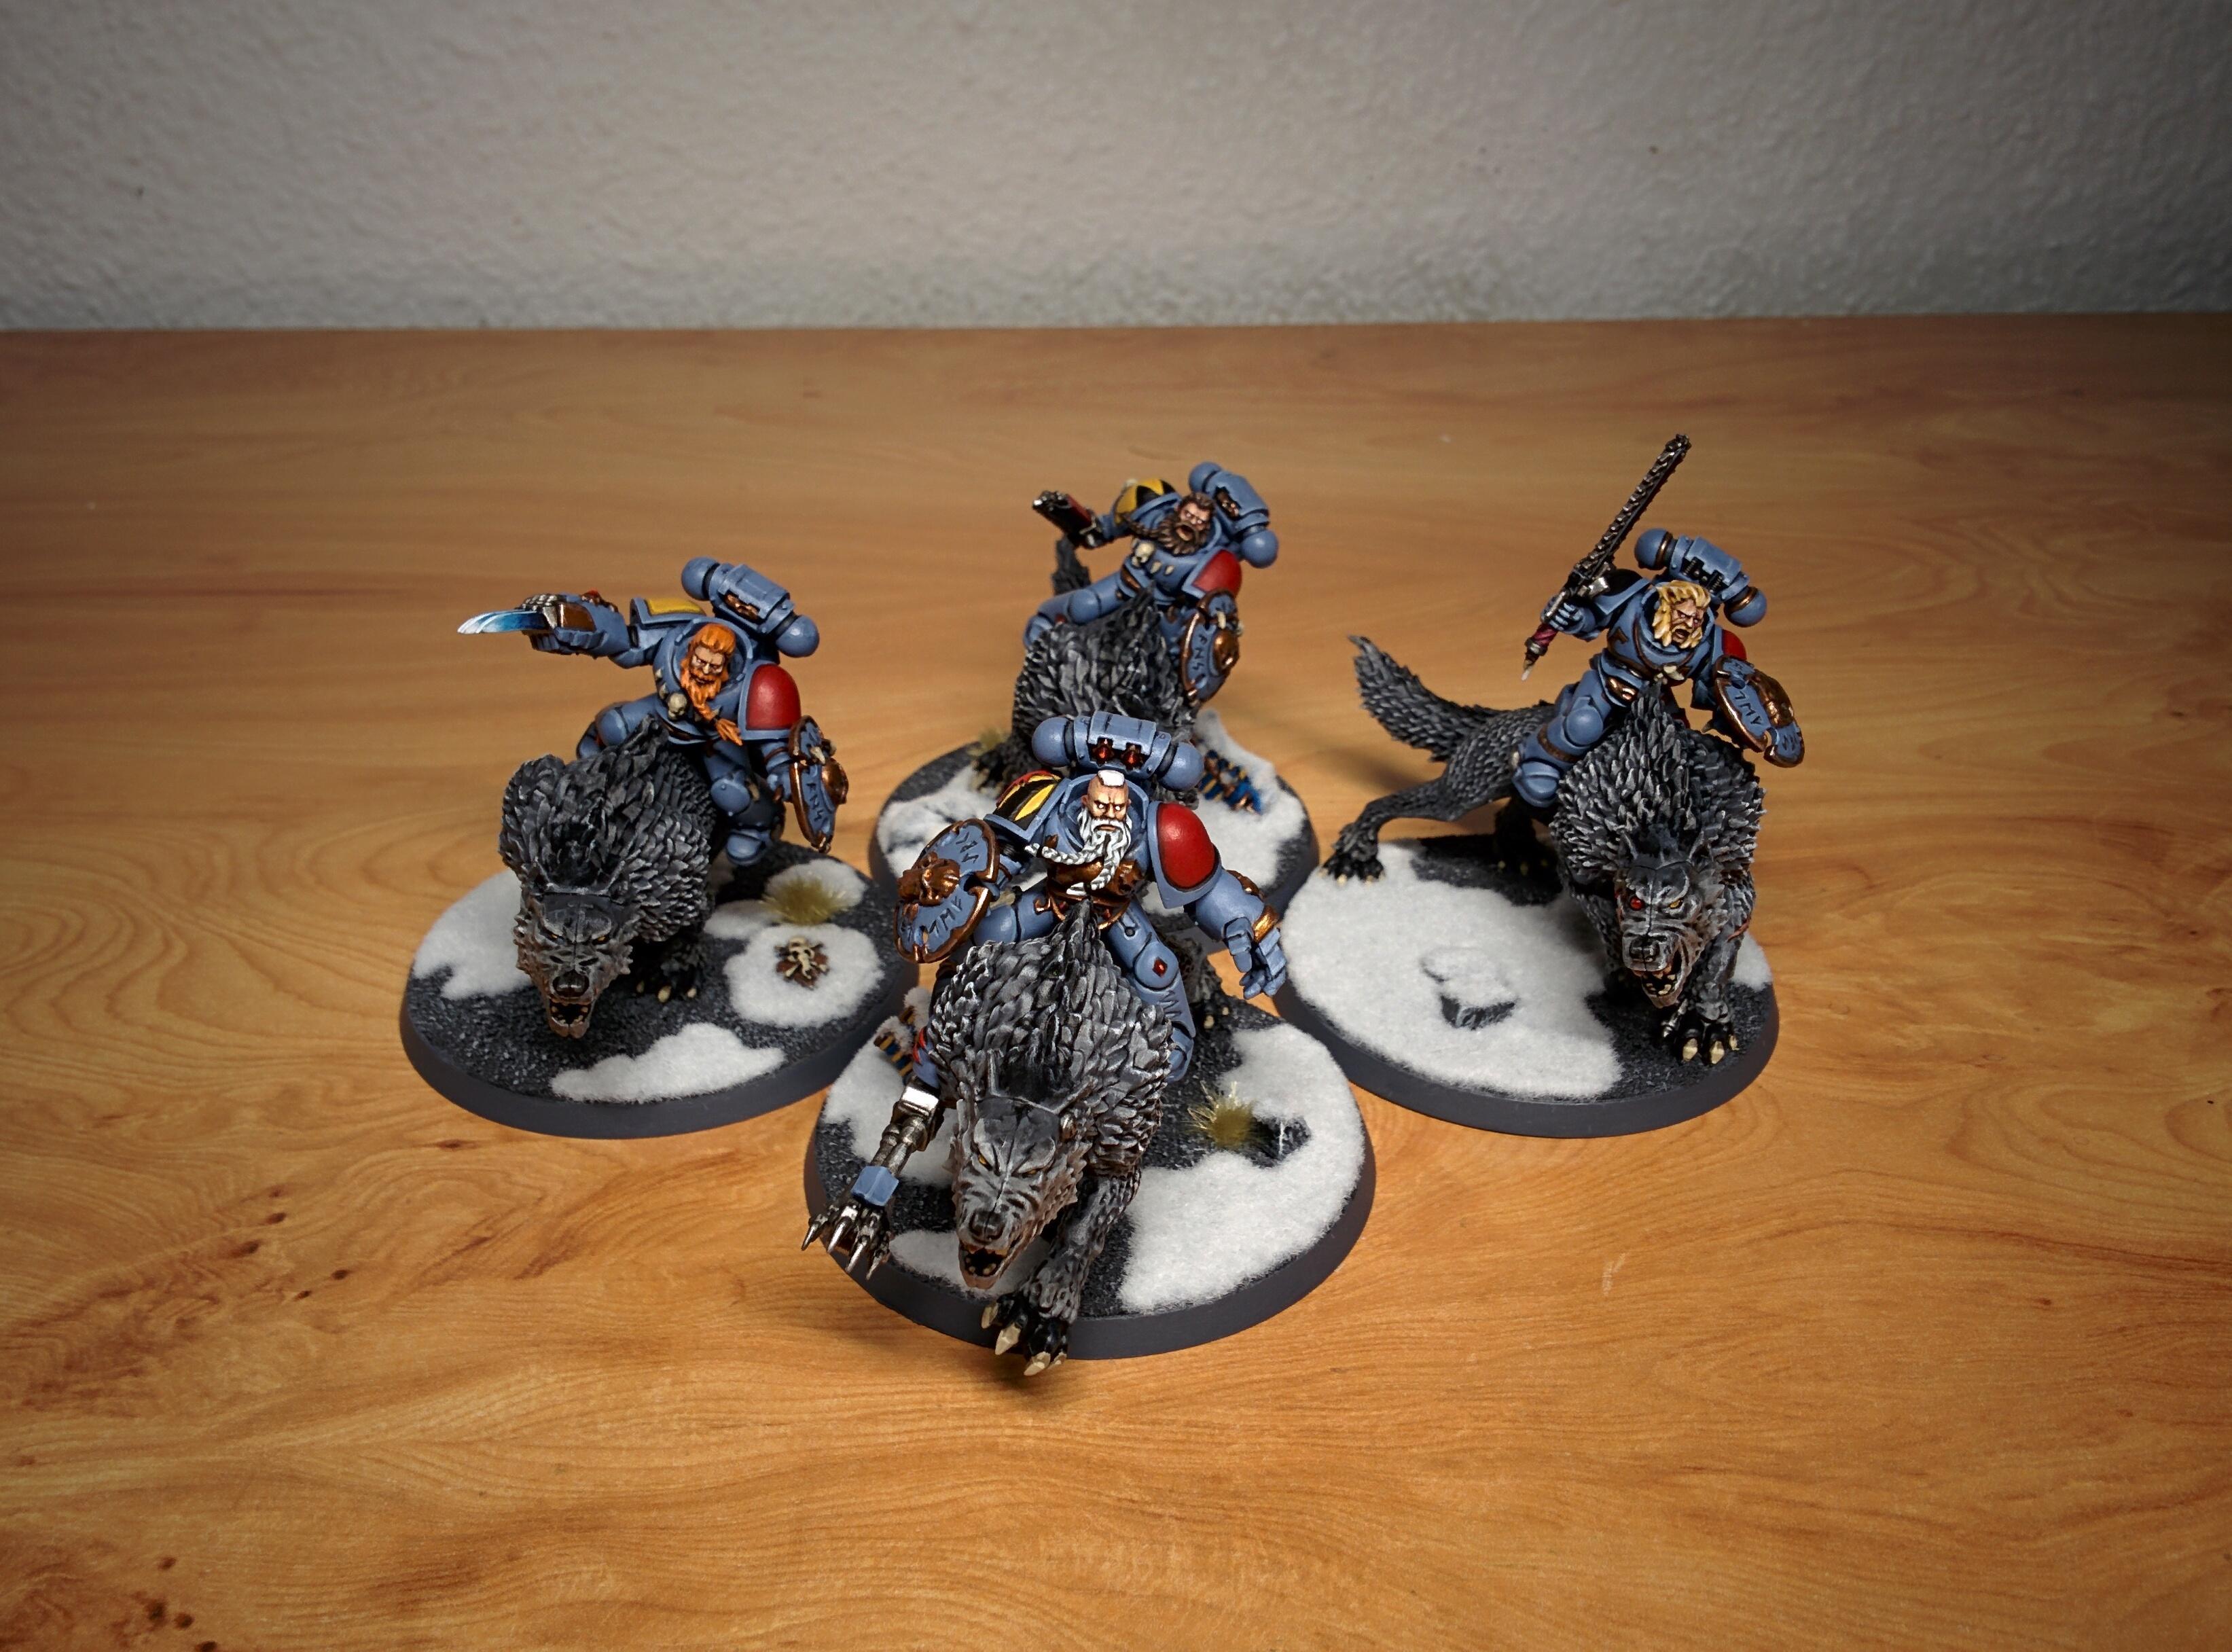 Cavalry, Citadel, Deathwolves, Fenris, Games Workshop, Miniature, Miniatures, Snow, Space Wolves, Thunderwolf, Thunderwolf Cavalry, W40k, Warhammer 40,000, Warhammer Fantasy, Wolves